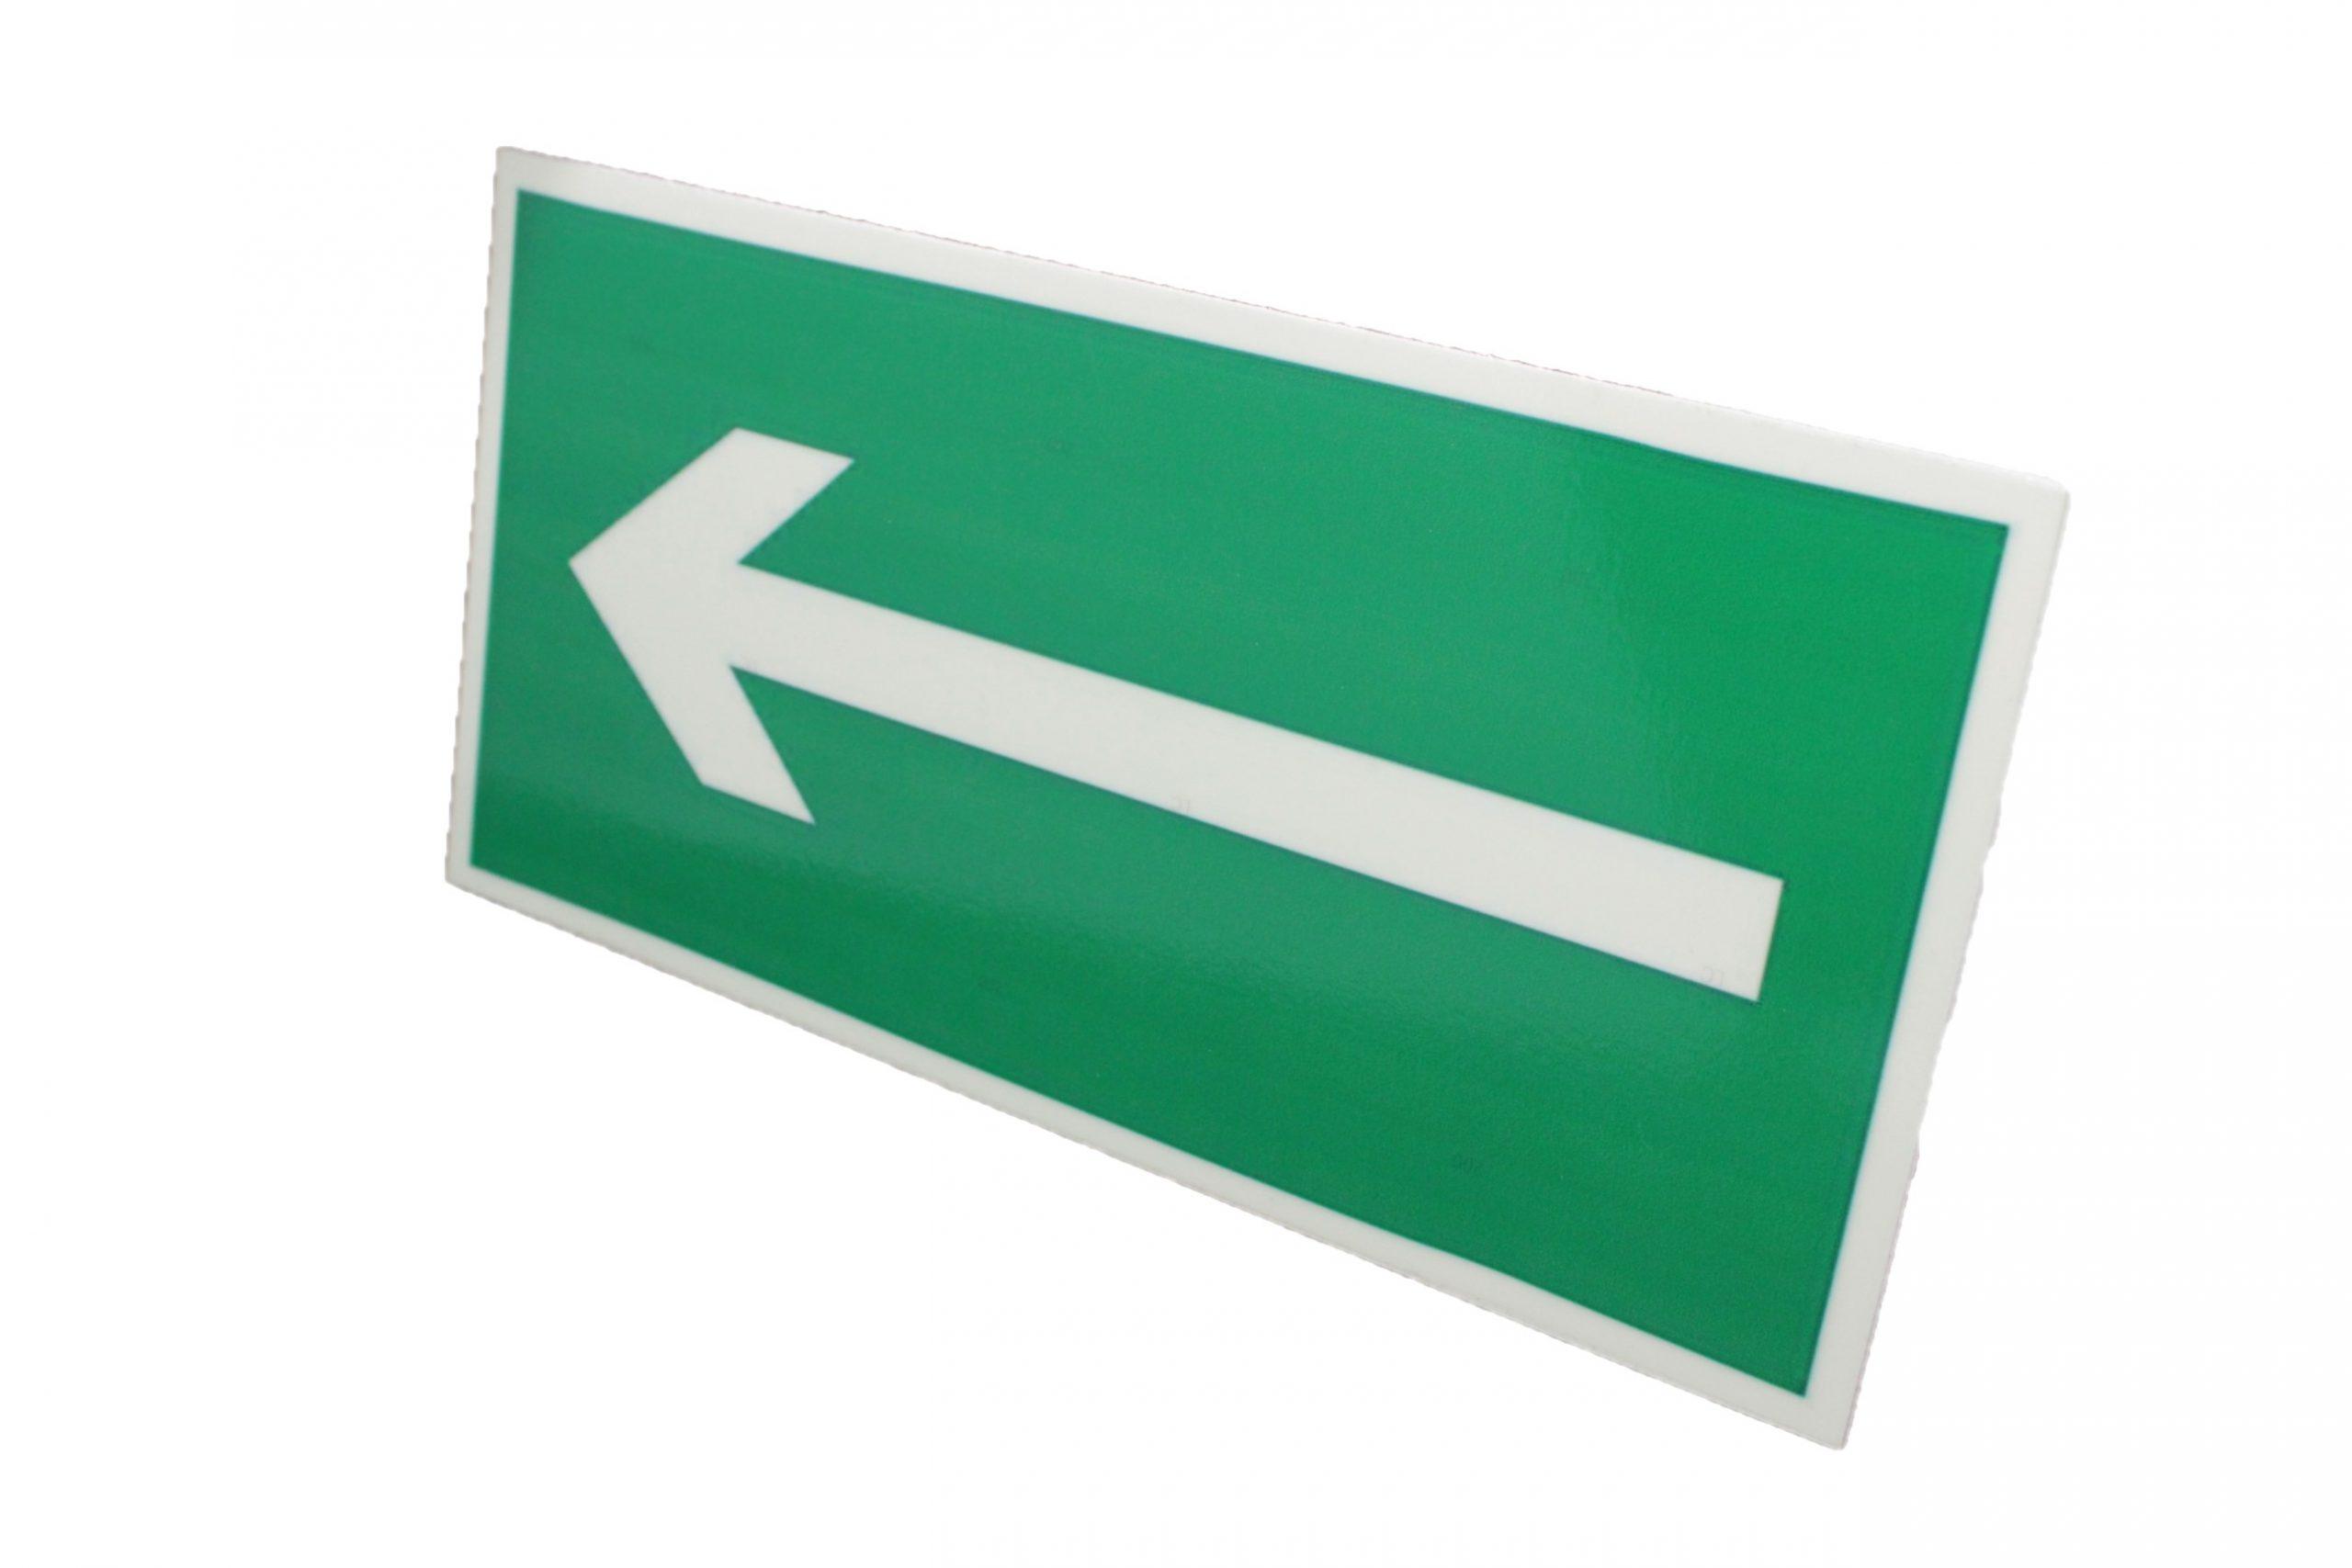 Знак эвакуации фотолюминесцентный направляющая стрелка влево